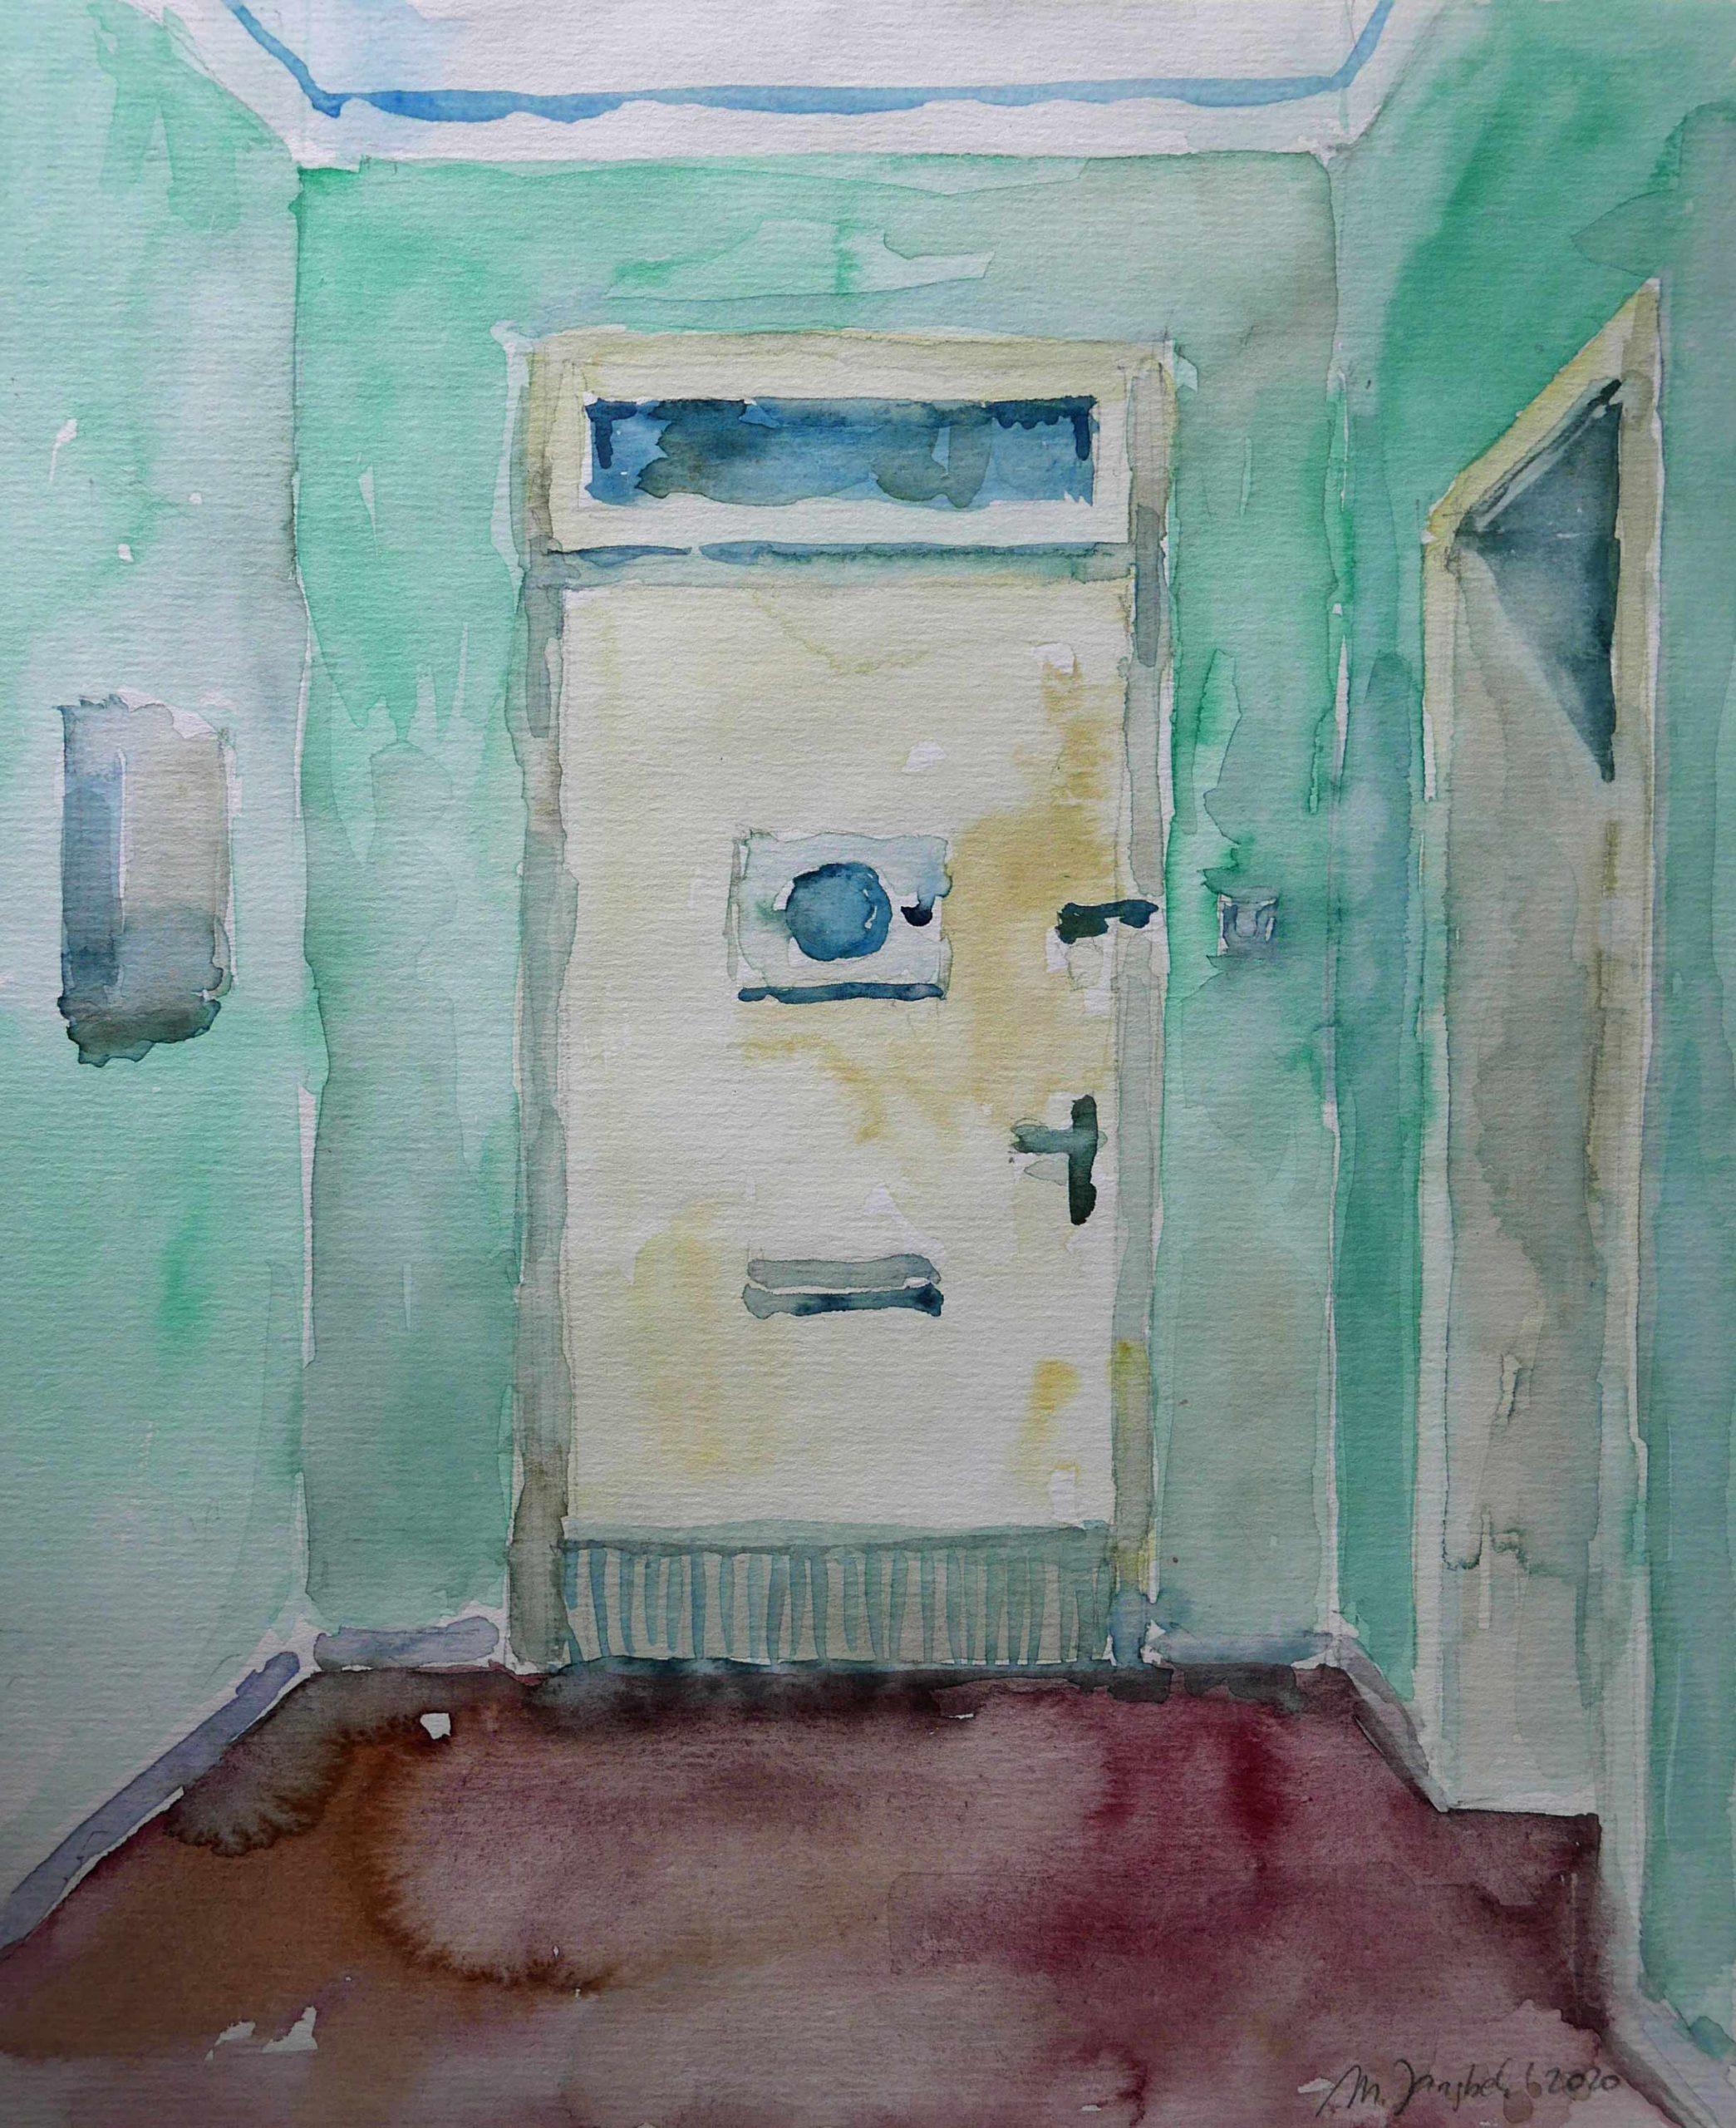 Flur einer Wphnung mit grünen Wänden, Aquarellbild